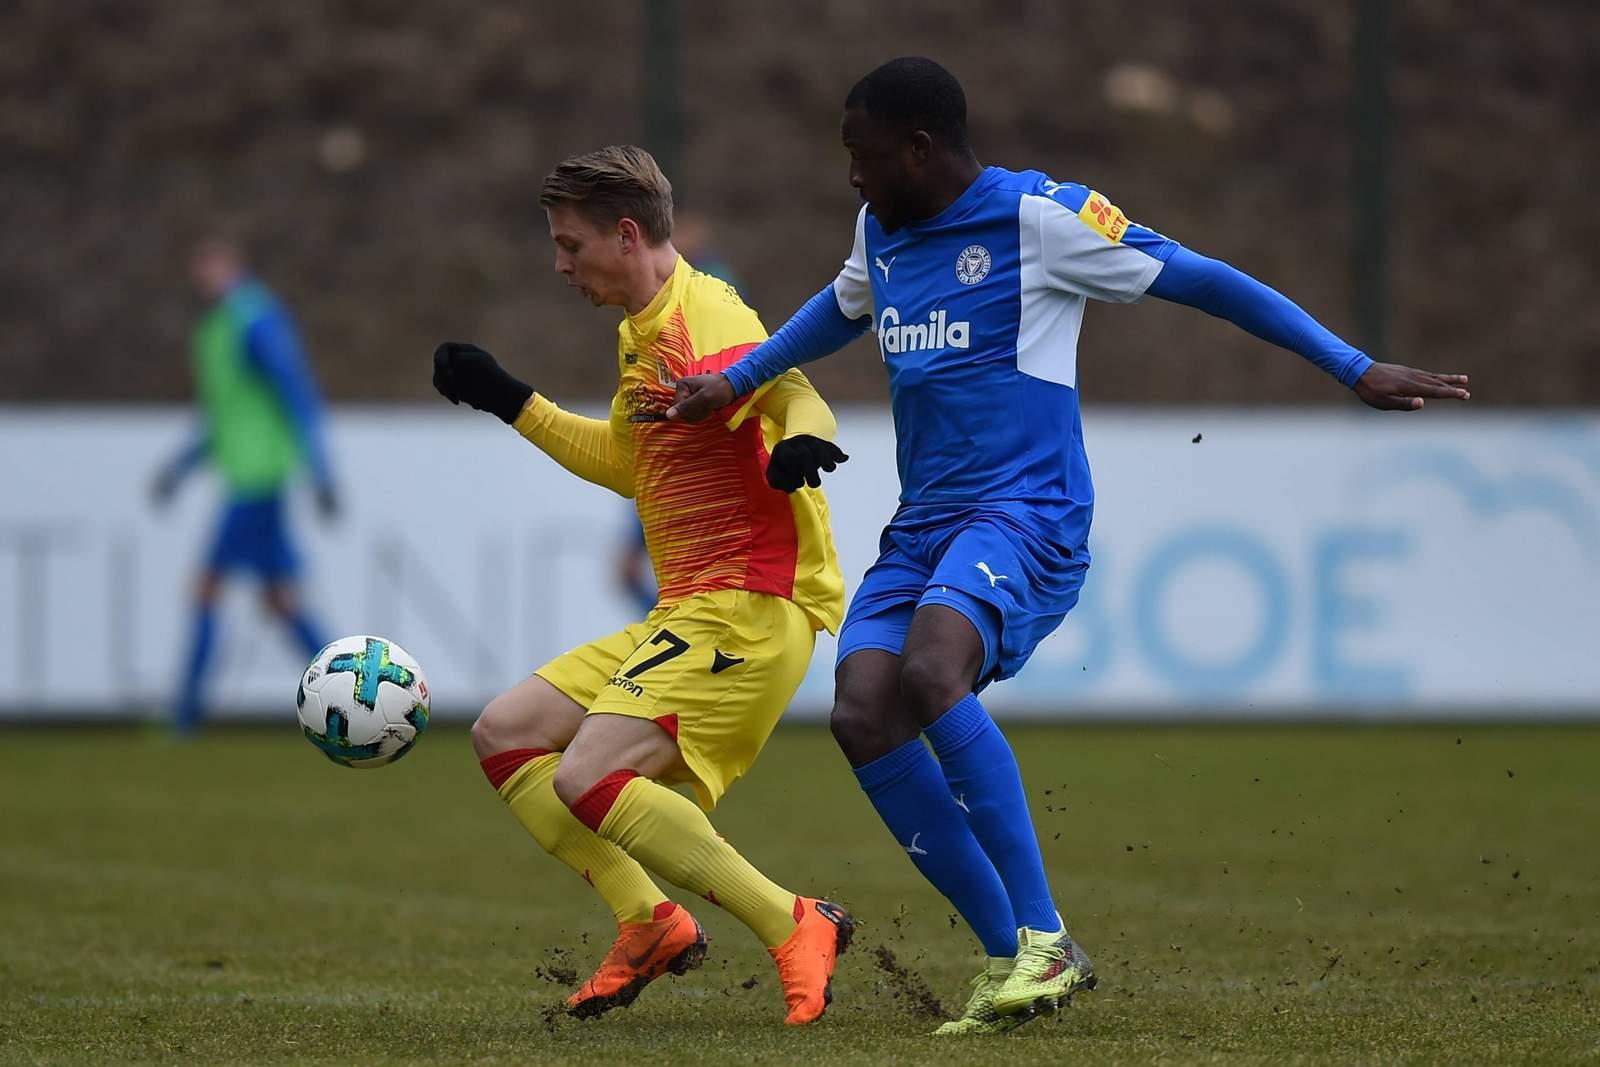 Setzt sich Simon Hedlund gegen David Kinsombi durch? Jetzt auf Union Berlin gegen Holstein Kiel wetten.